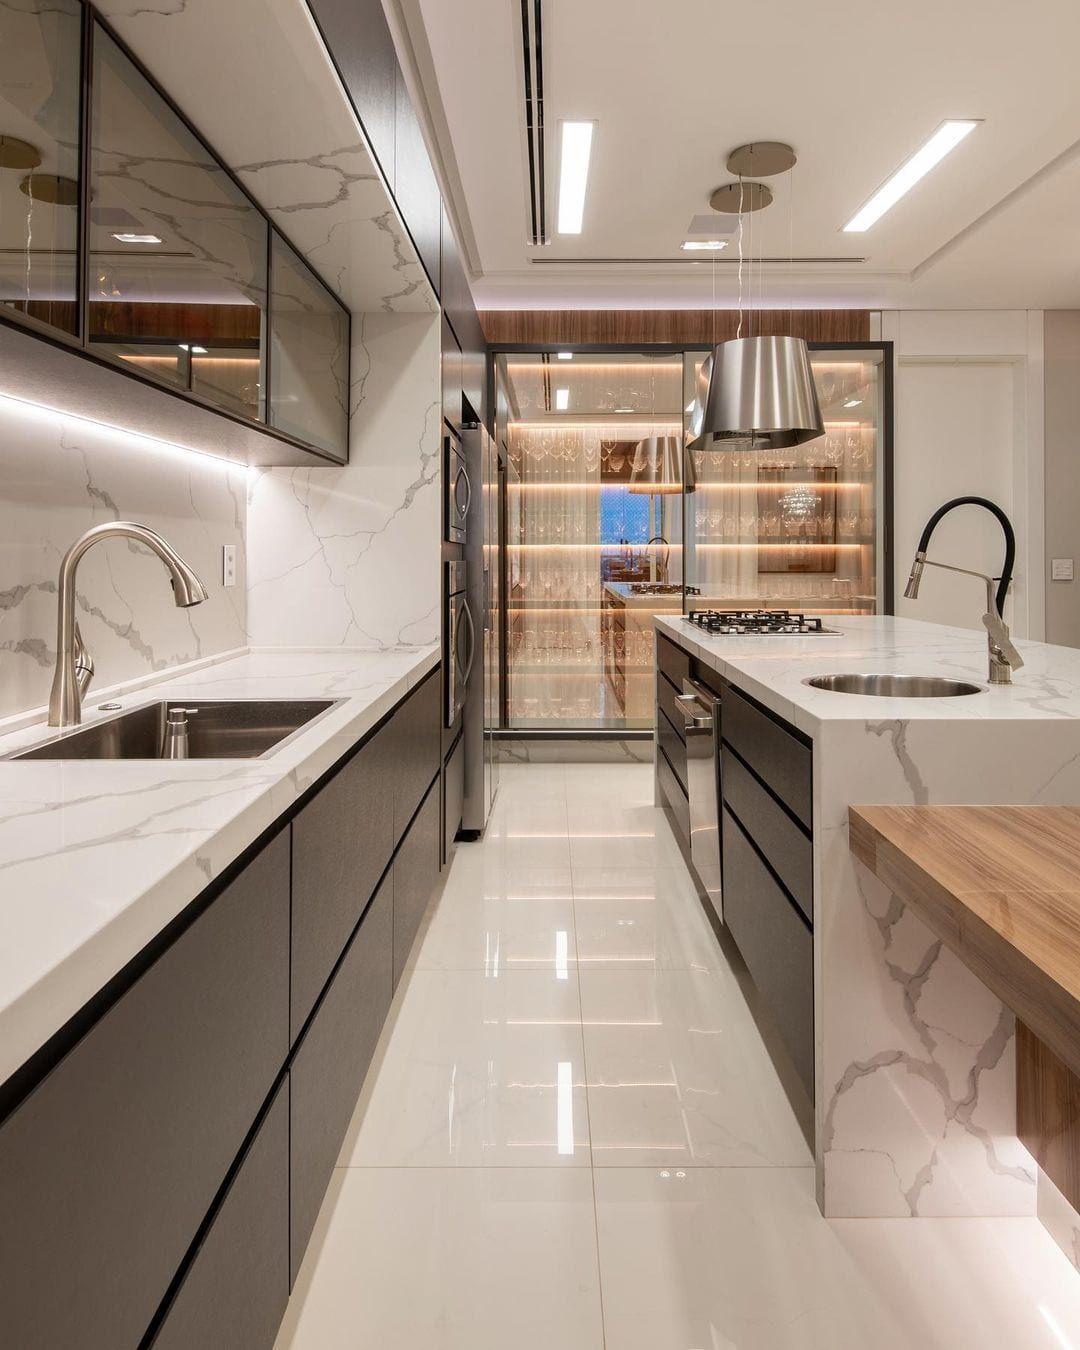 Cozinha grande: 60 formas de decorar e mobiliar esse cantinho da casa